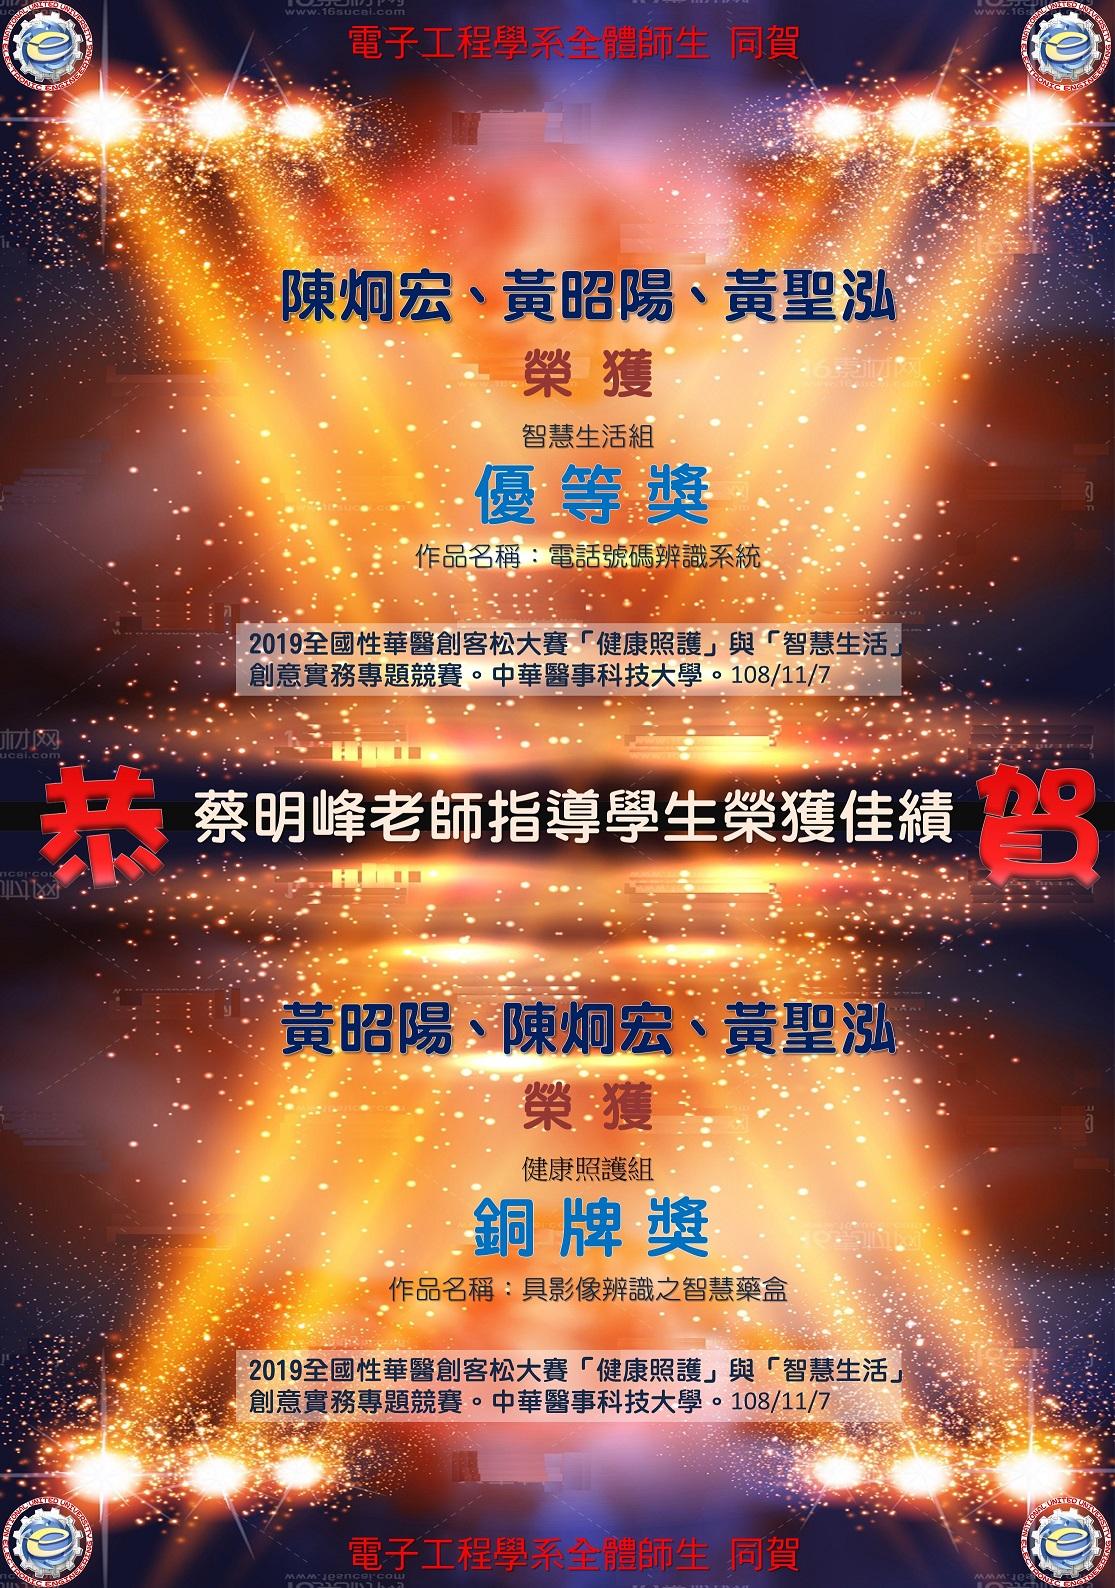 蔡明峰老師指導學生108年校外競賽榮獲 優等獎 /銅牌獎